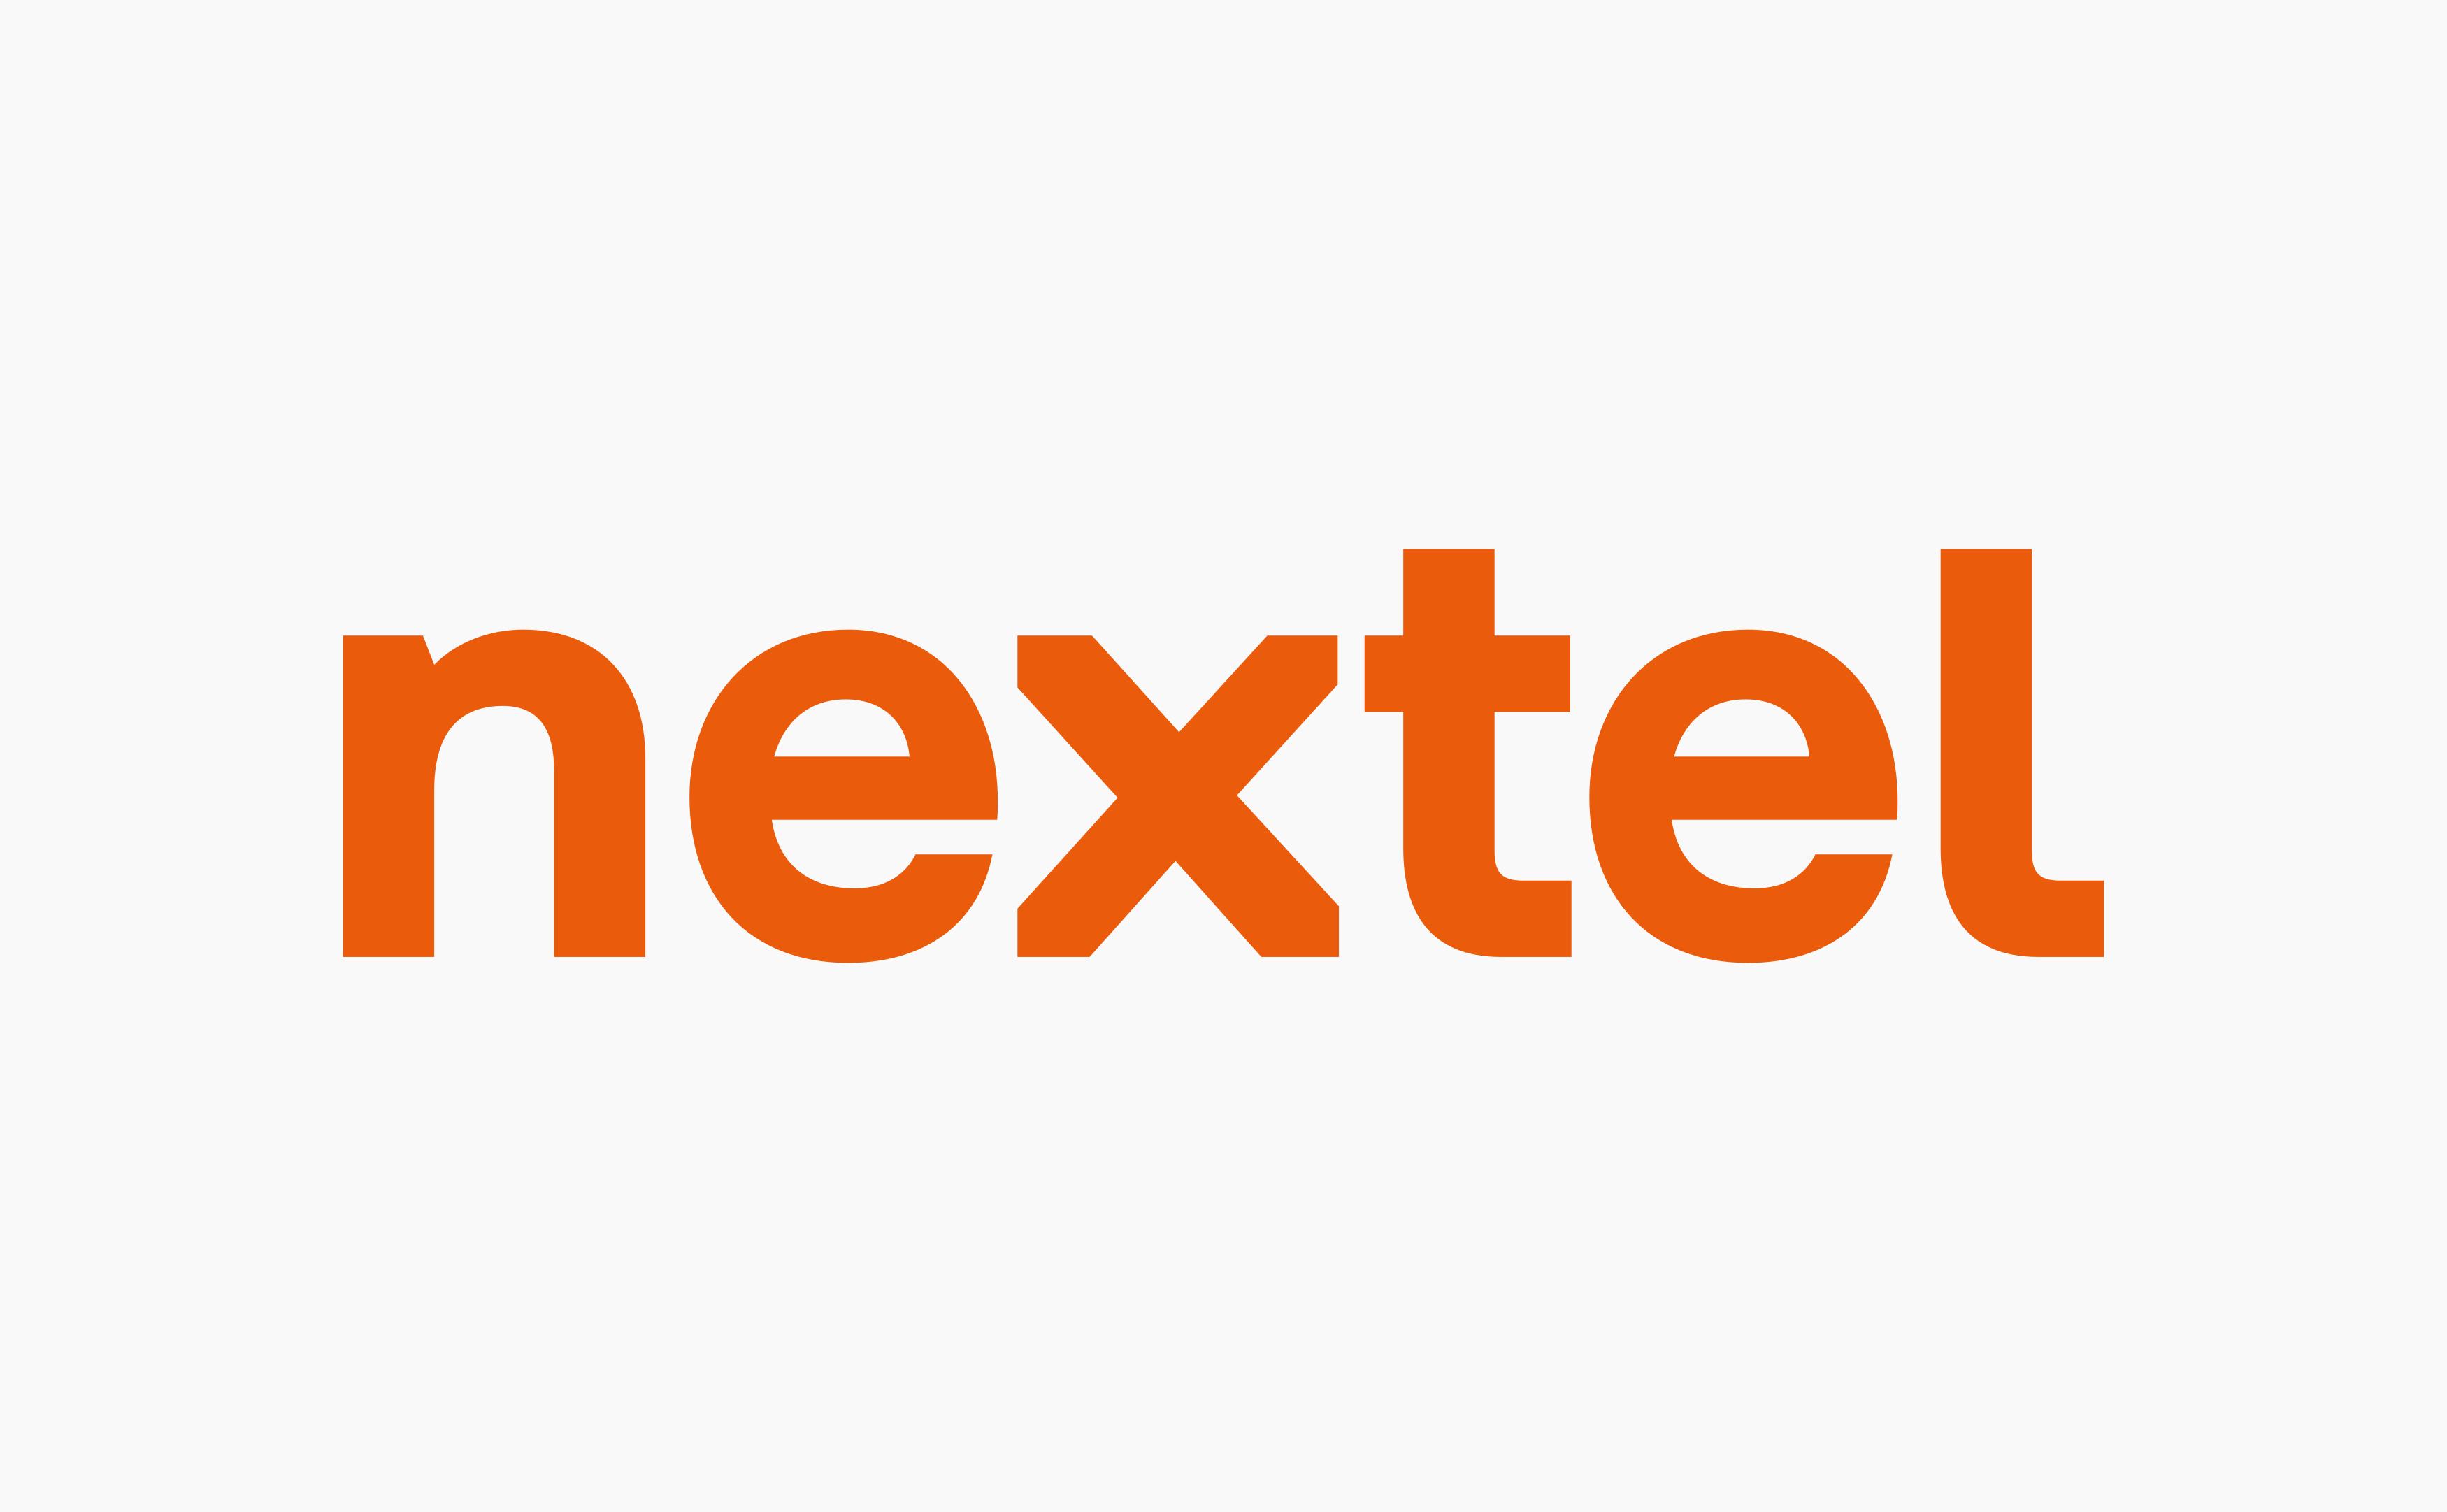 nextel logo 3 - Nextel Logo